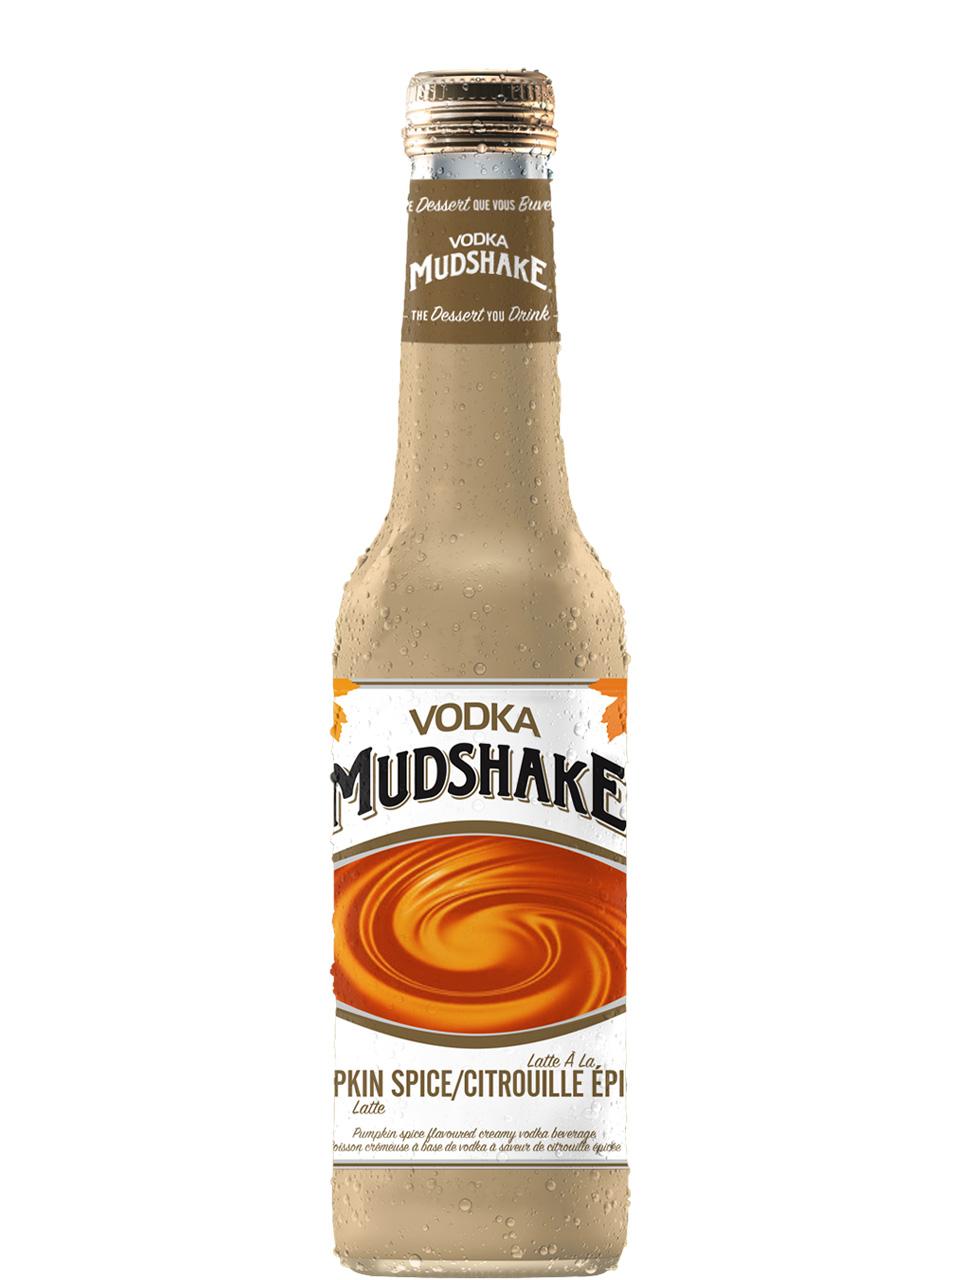 Vodka Mudshake Pumpkin Spice Latte